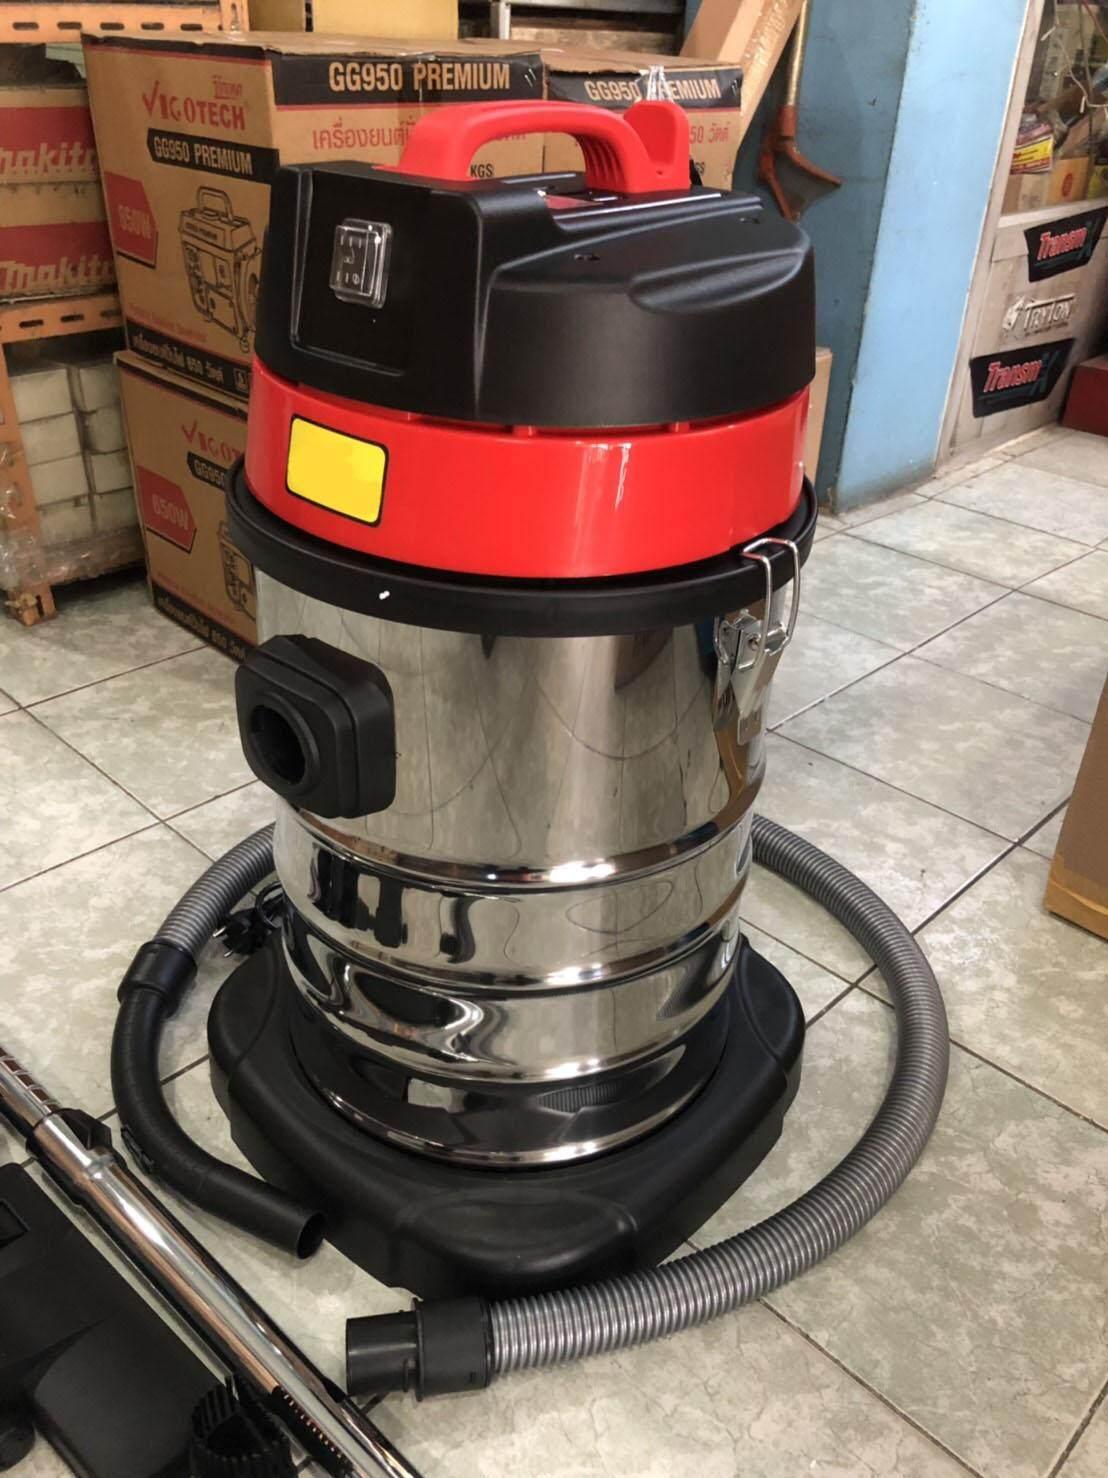 เครื่องดูดฝุ่น ดูดน้ำ ขนาด 30 ลิตร  Wet and Dry Vacuum Cleaner ยี่ห้อ XYLON  รุ่น XY-30XS